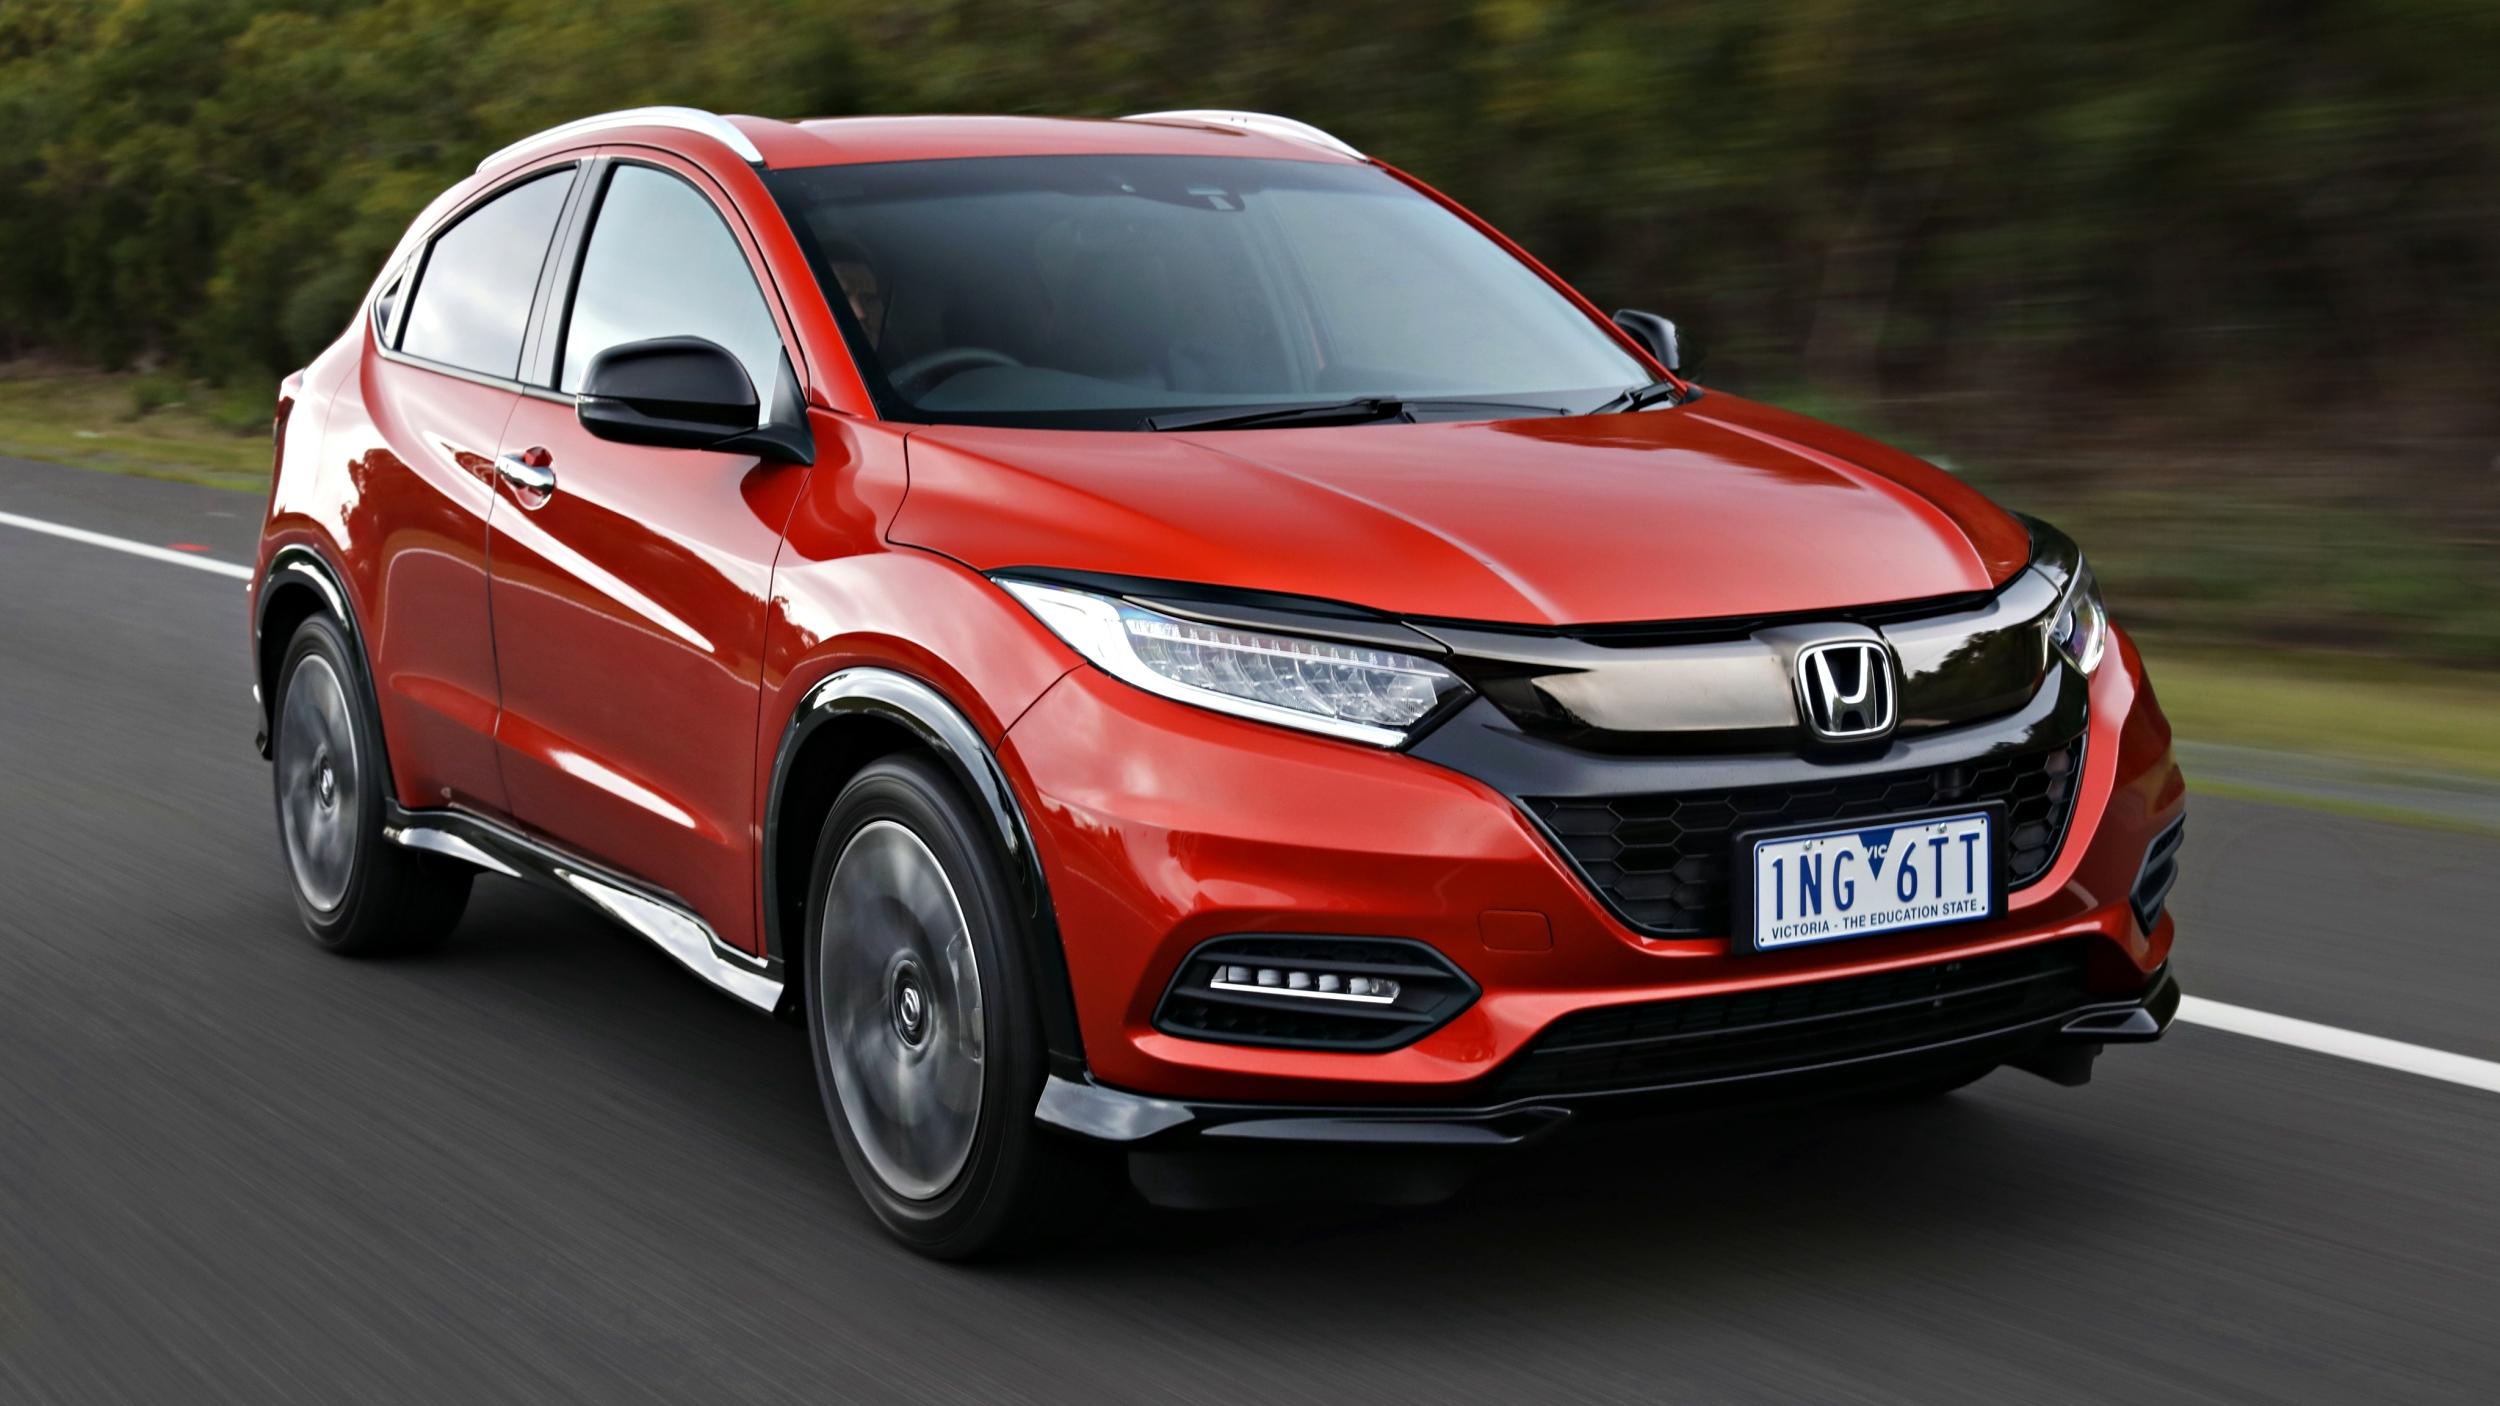 News - 2019 Honda HR-V Gains RS Variant, More Kit